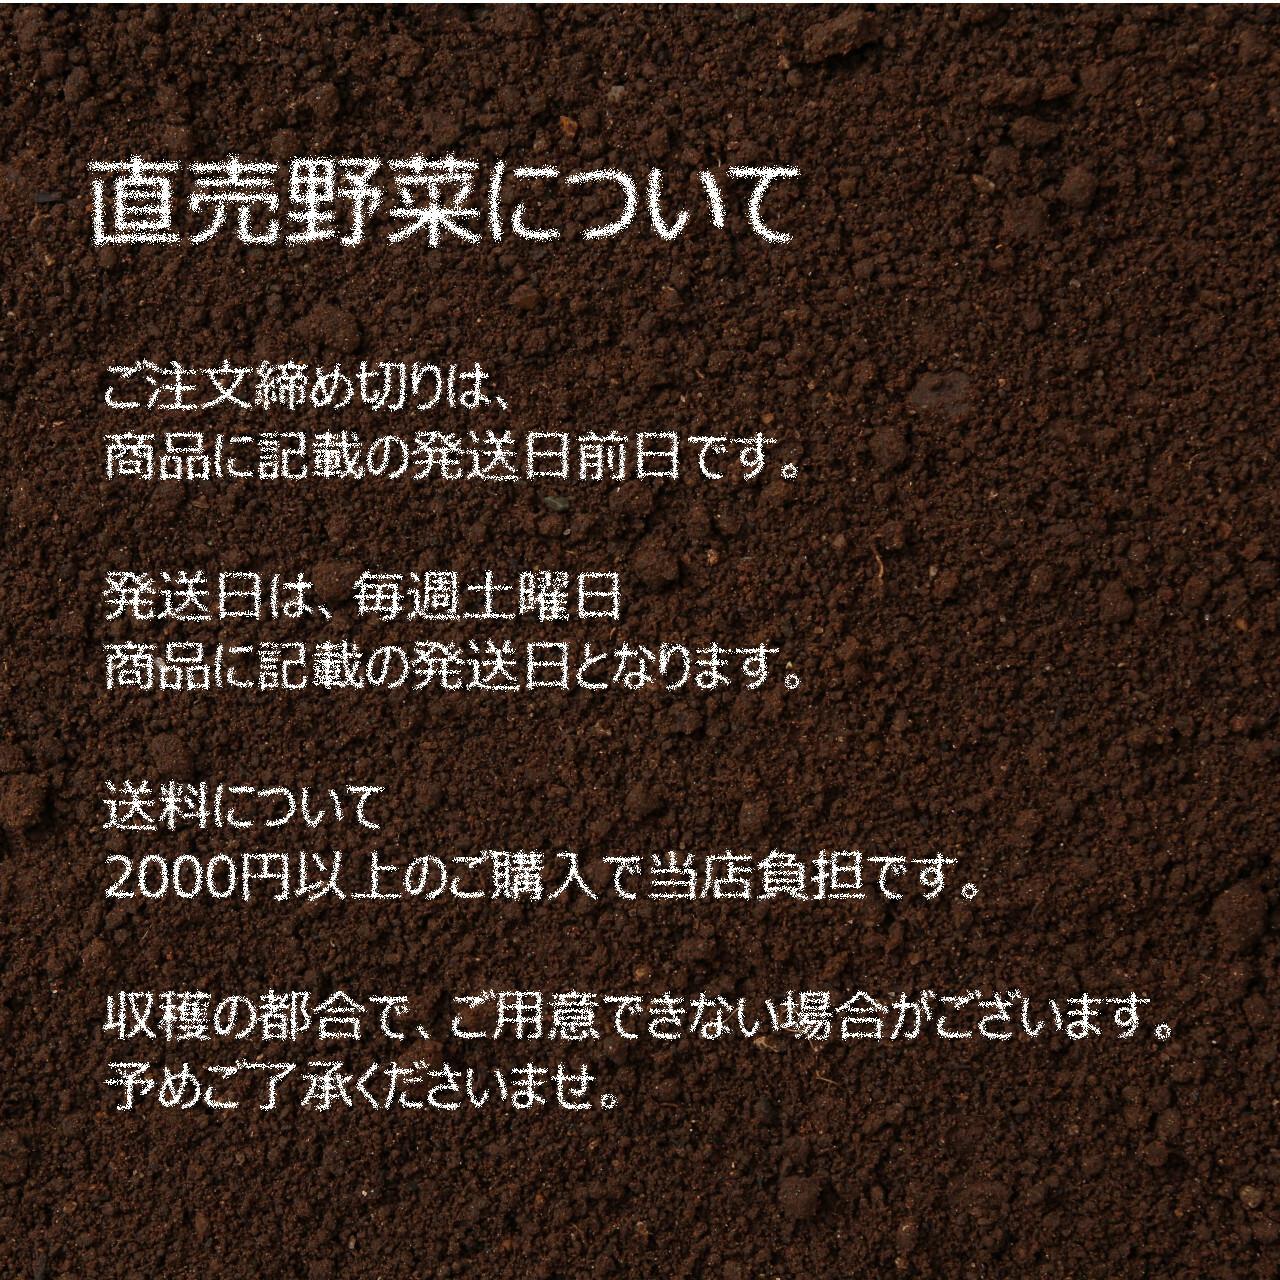 7月の新鮮野菜 : ブロッコリー 約 1個 朝採り直売野菜 7月6日発送予定